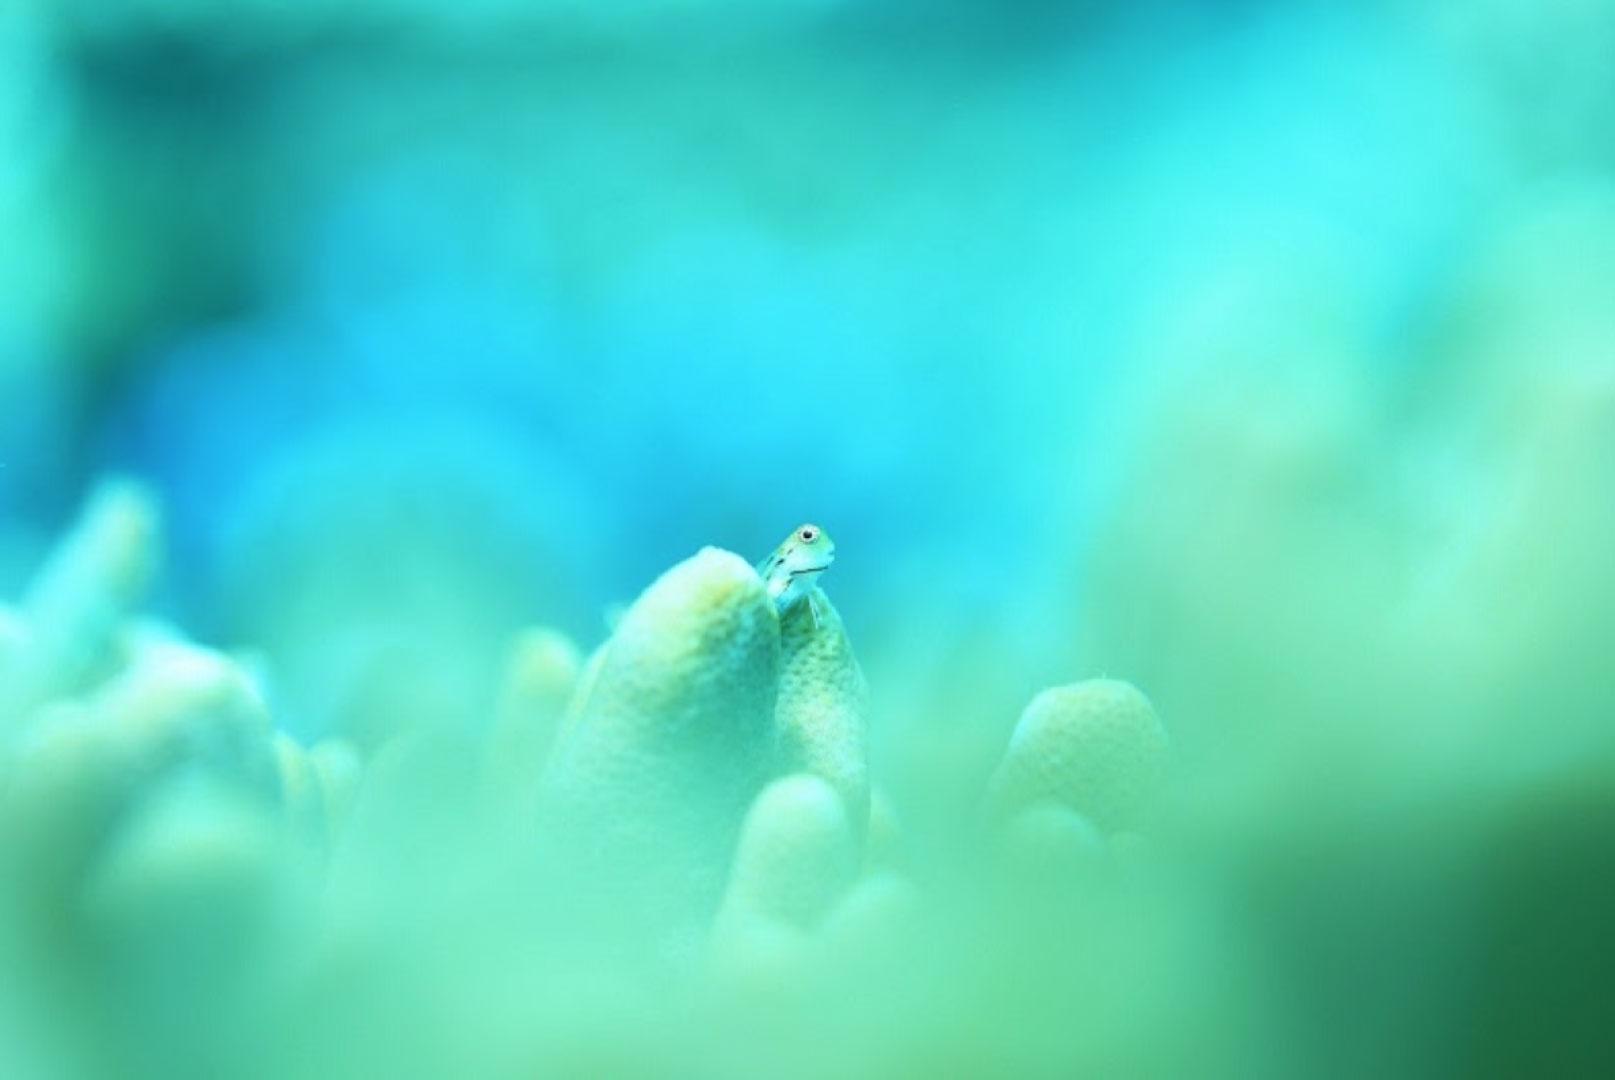 オーシャンスタジオ@石垣島主催!阿部秀樹の絶対上手くなるカメラセミナー